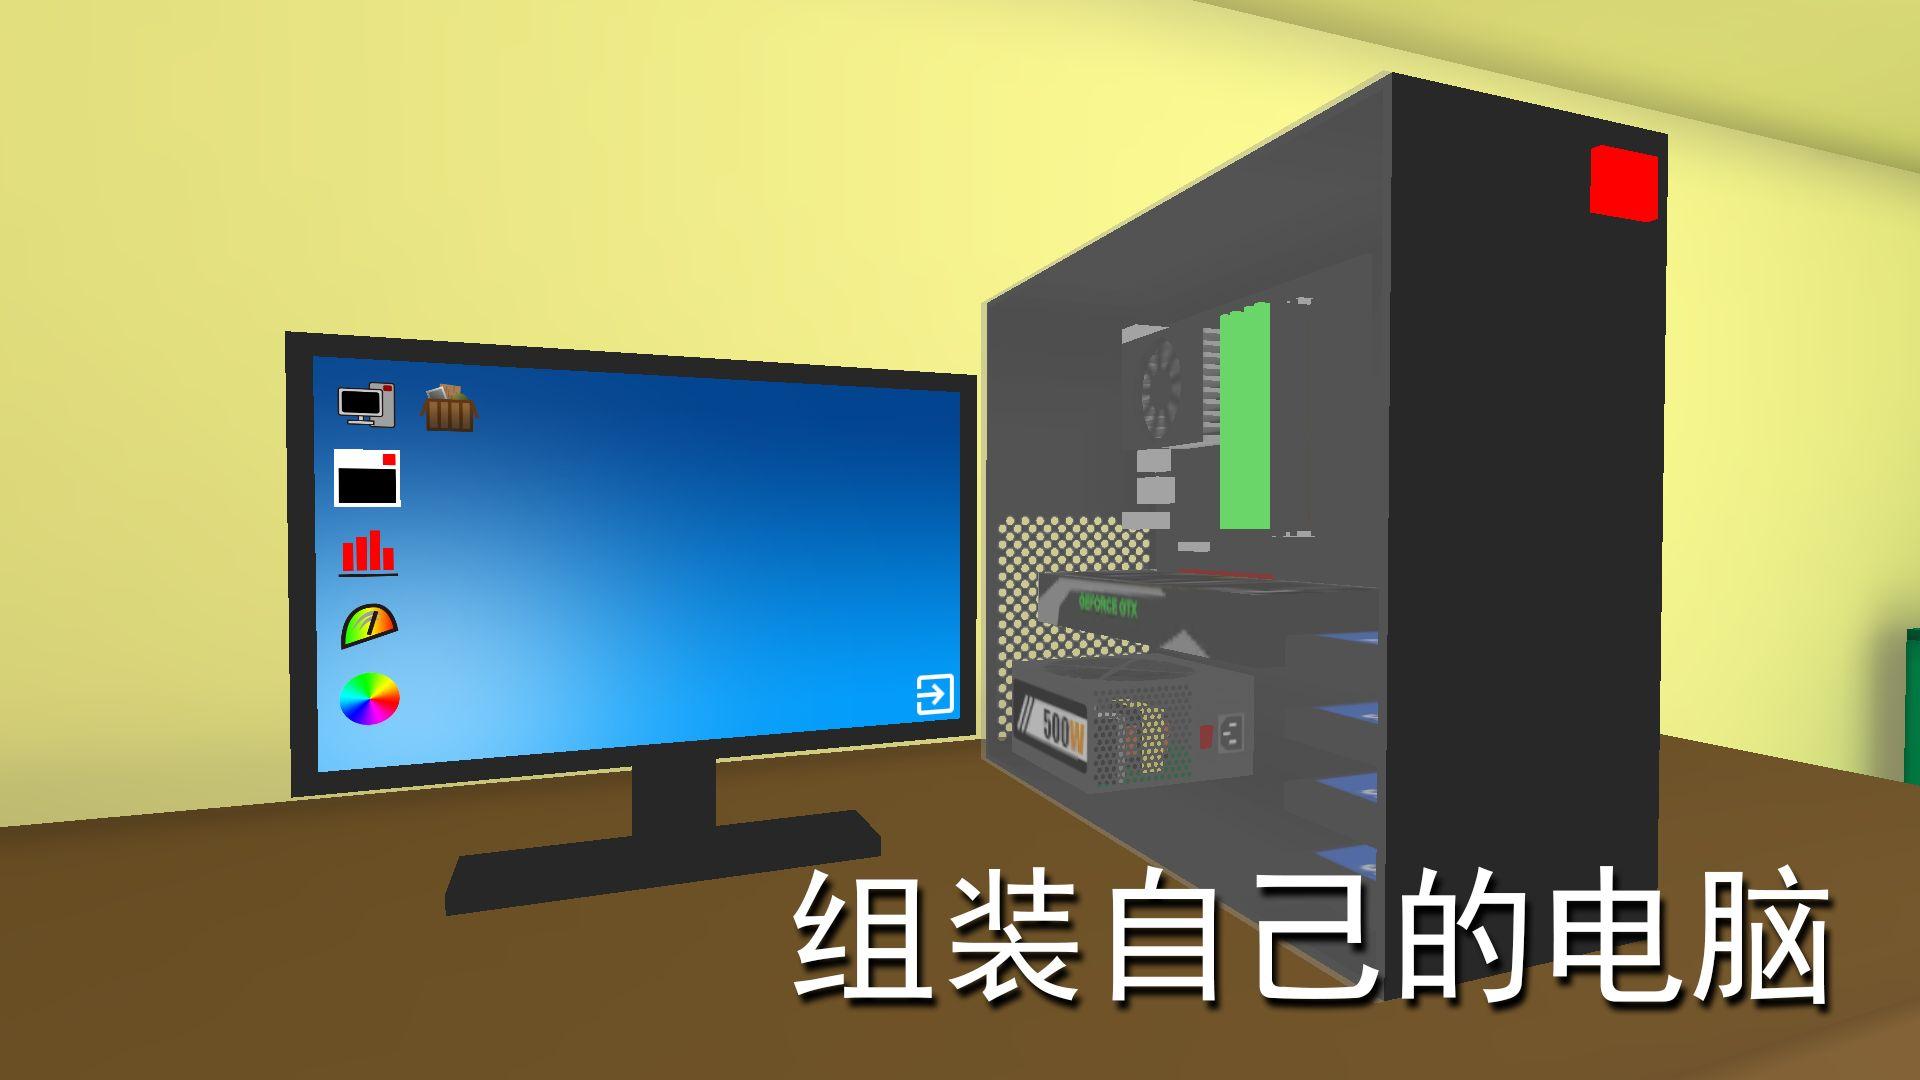 电脑模拟显示应用未安装怎么办